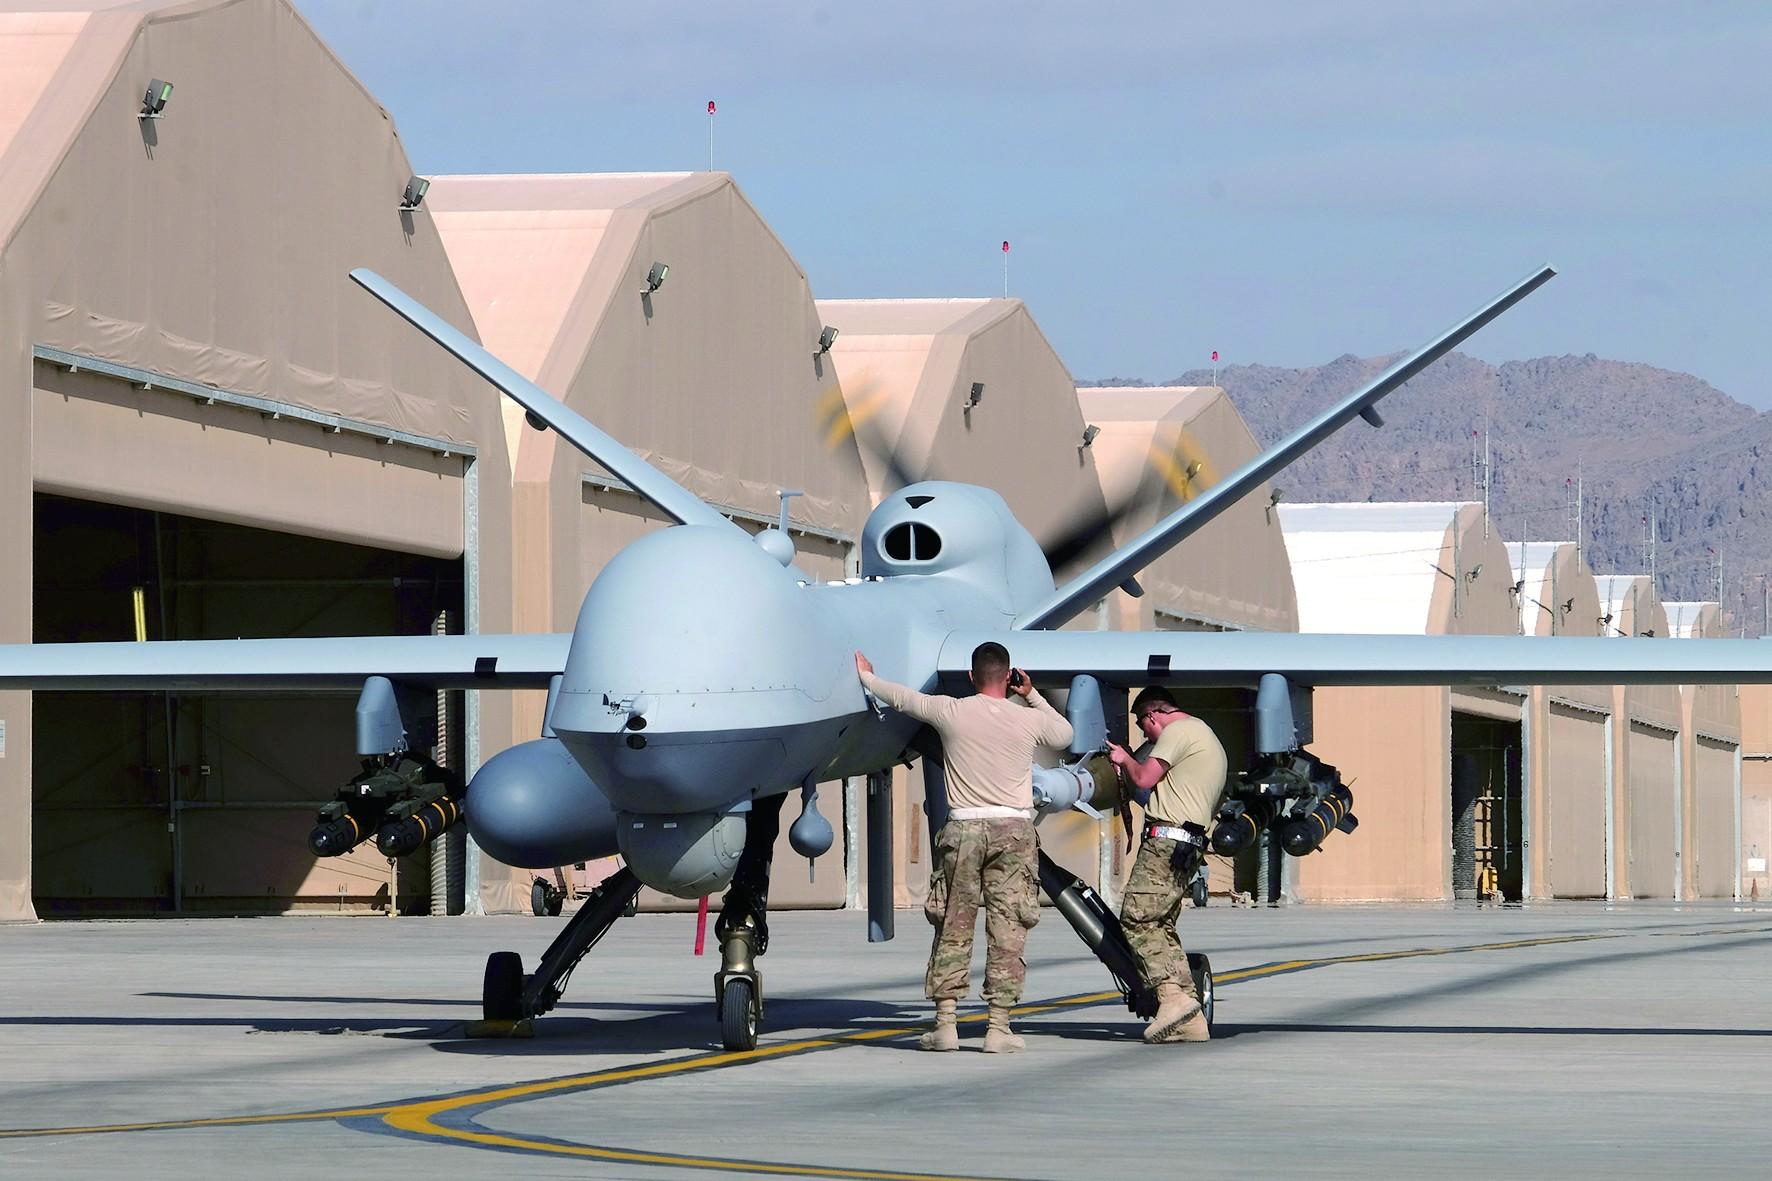 莫迪访美要狂购军火?美传向印售20亿美元无人机